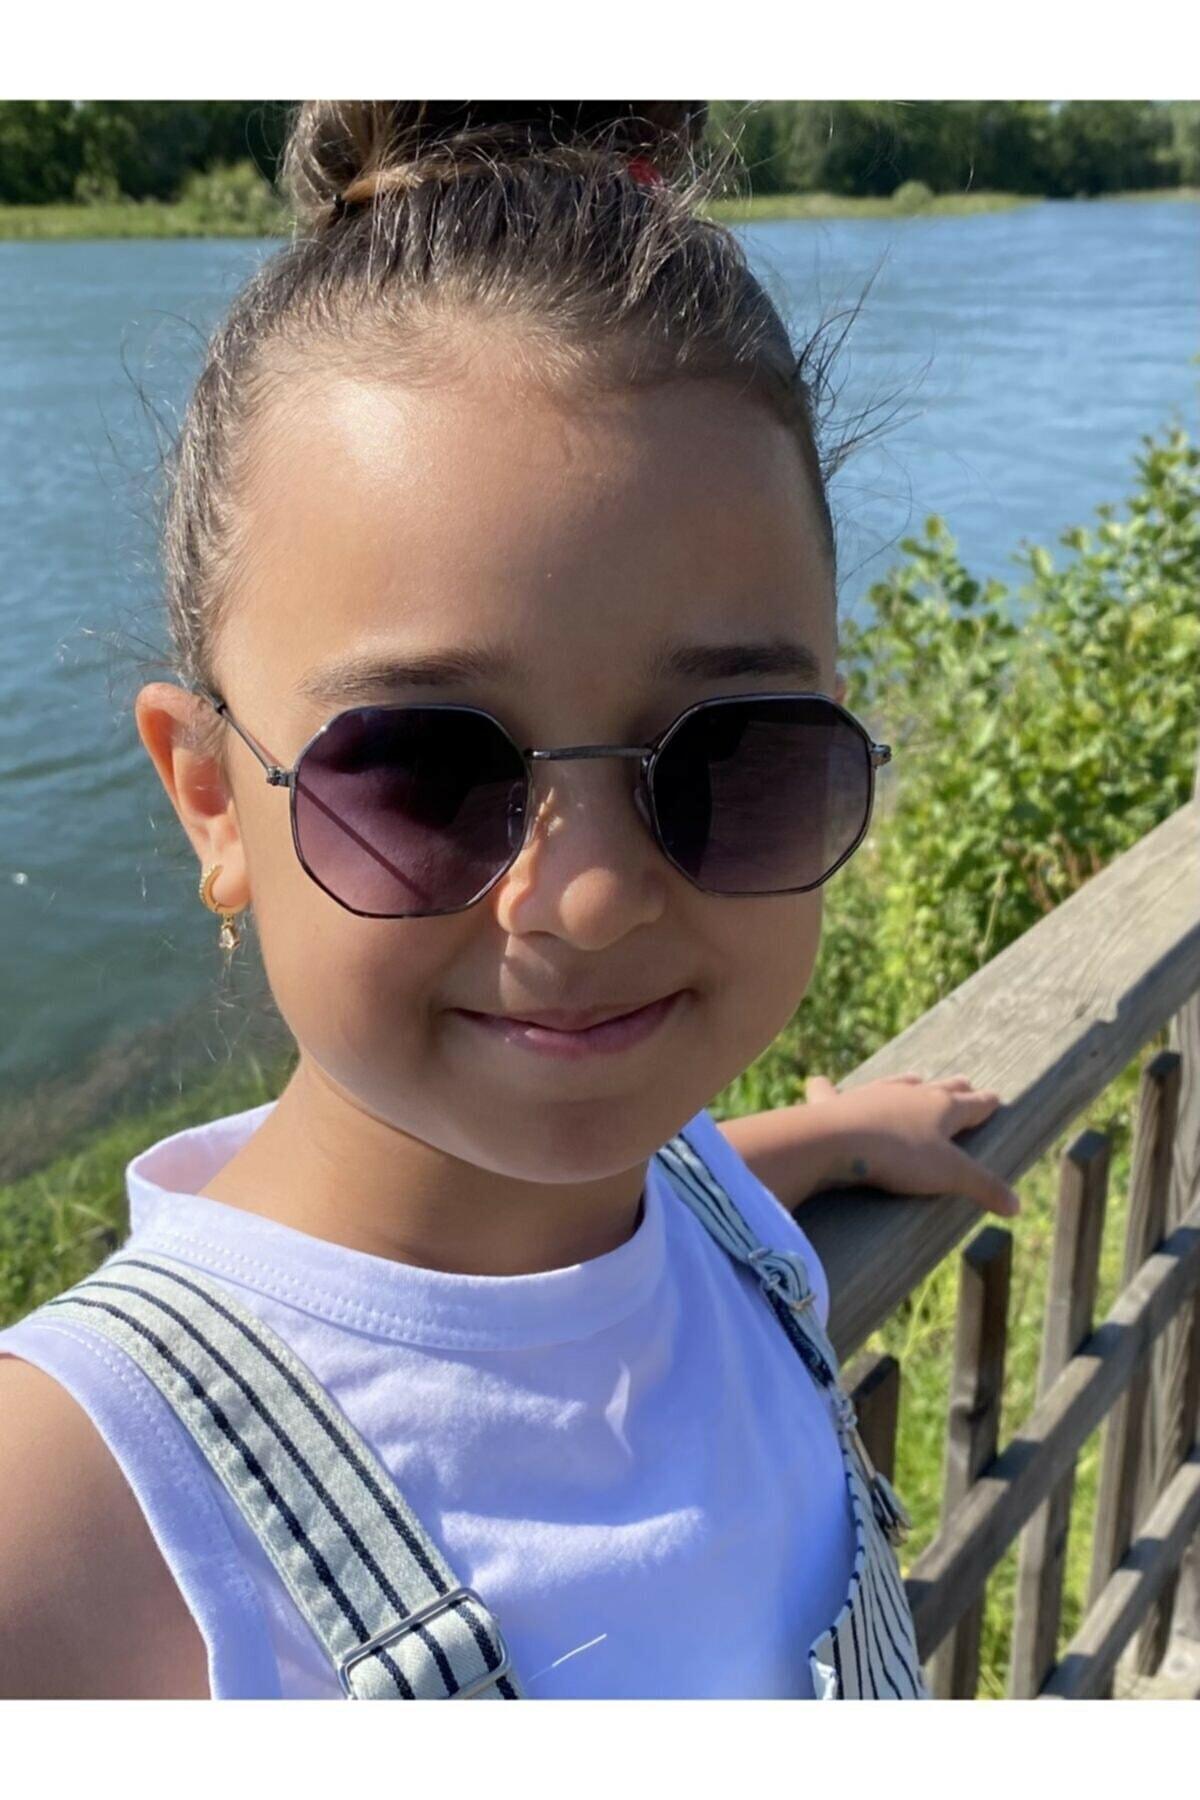 Elittrendshop Unisex Çocuk Güneş Gözlüğü 4 - 8 Yaş Kids Sunglases Uv400